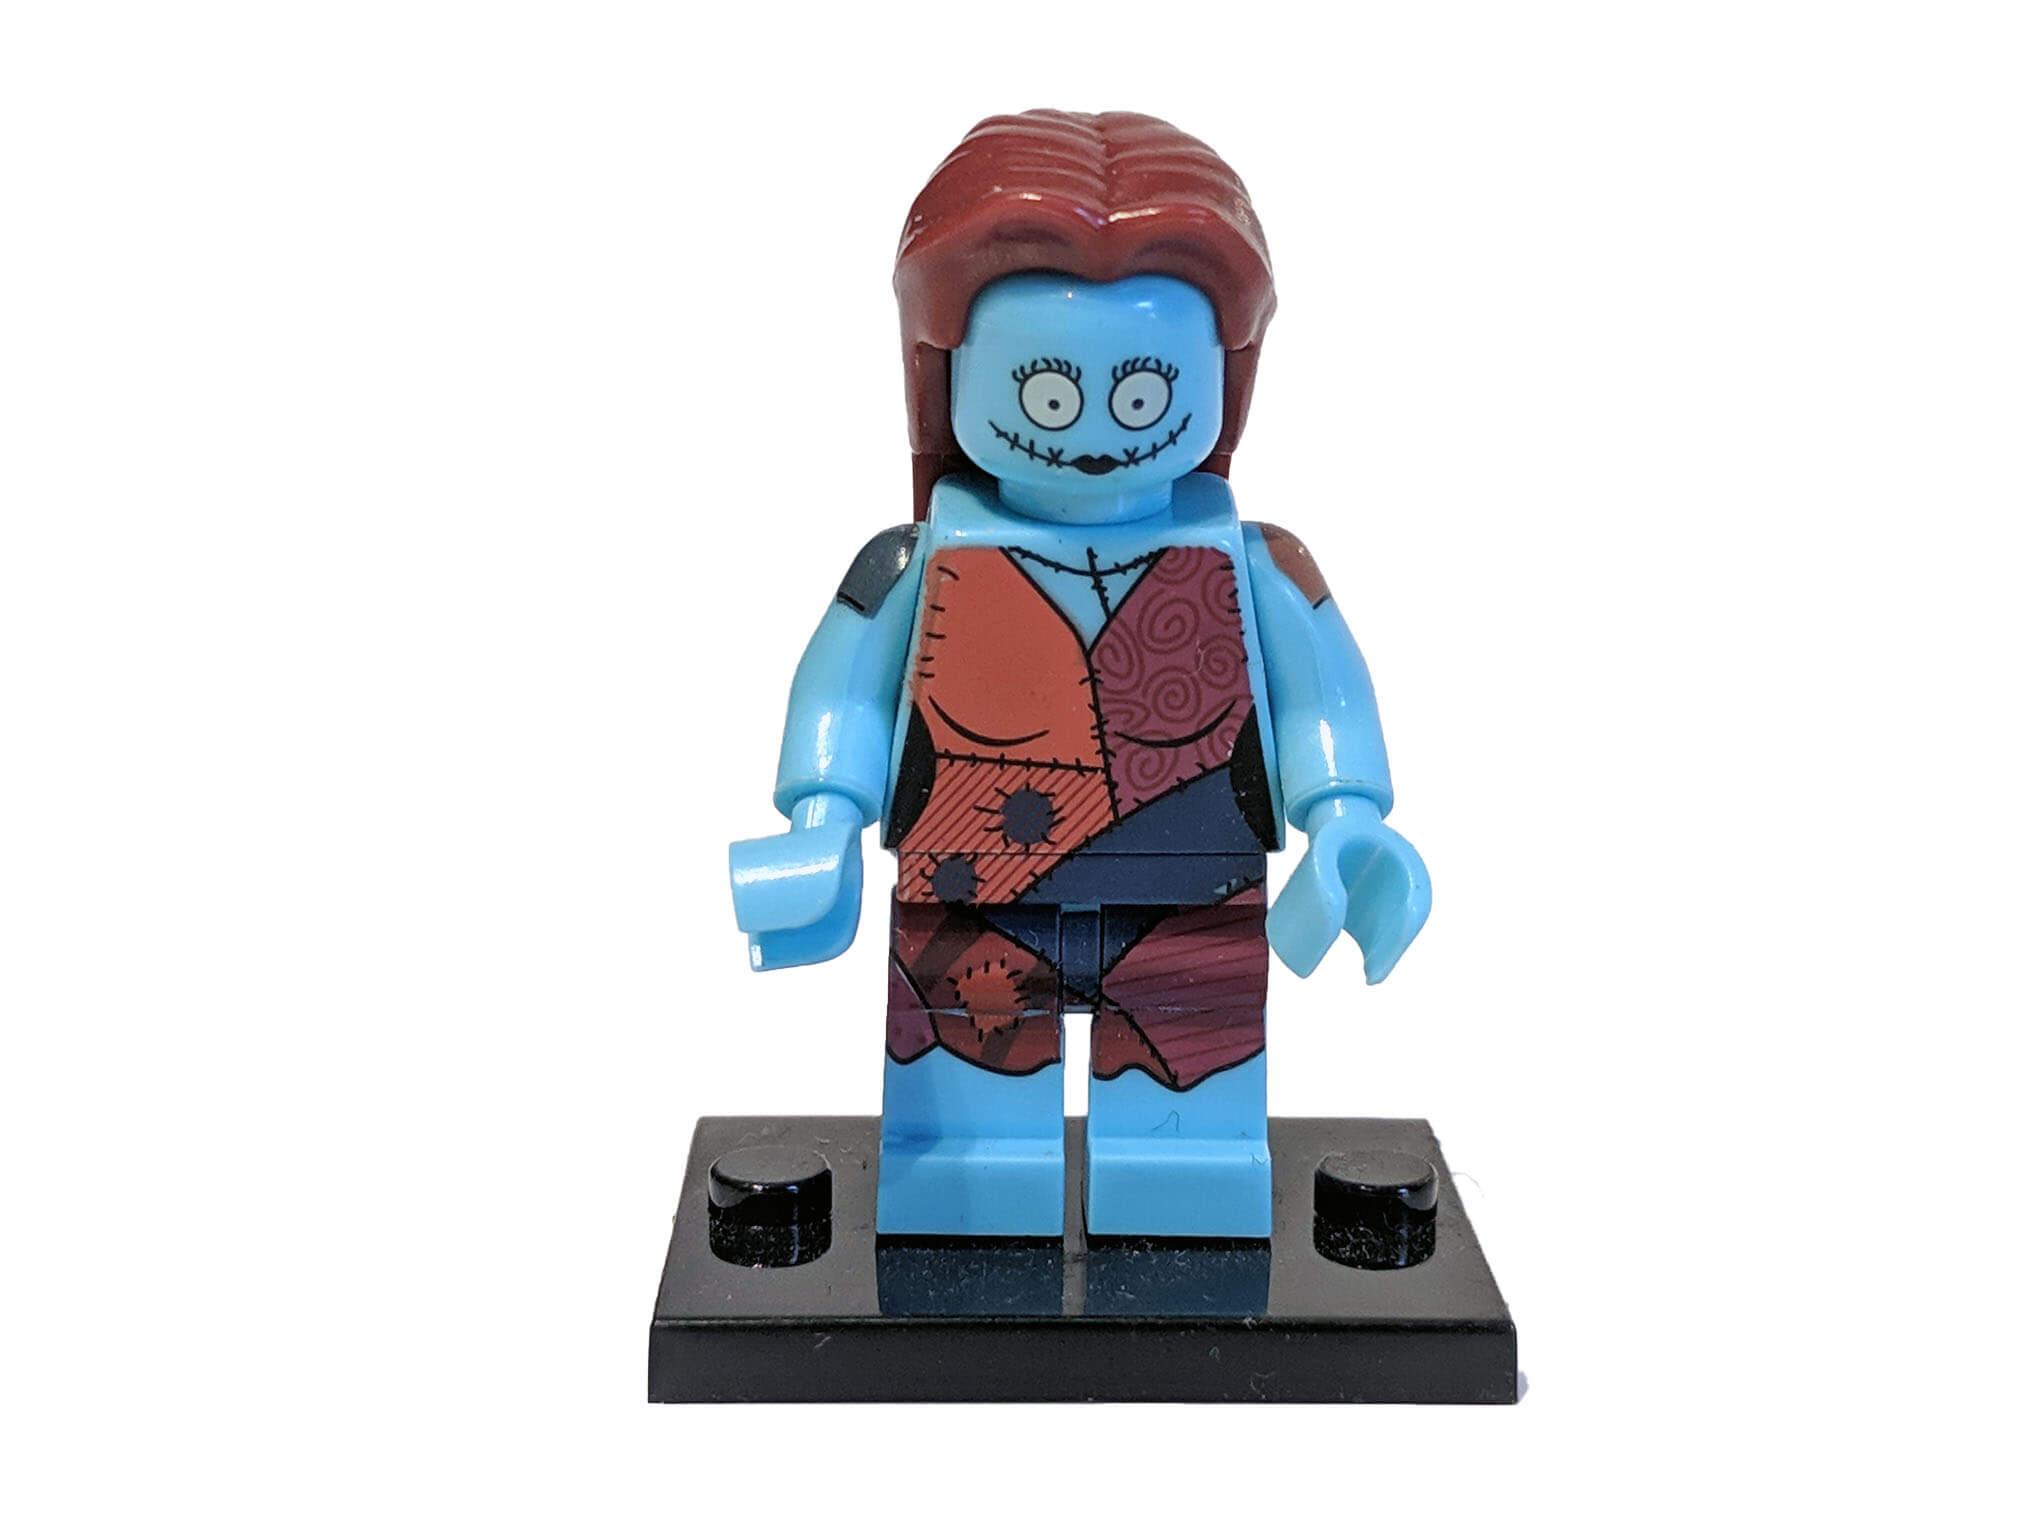 LEGO-Sally.jpg